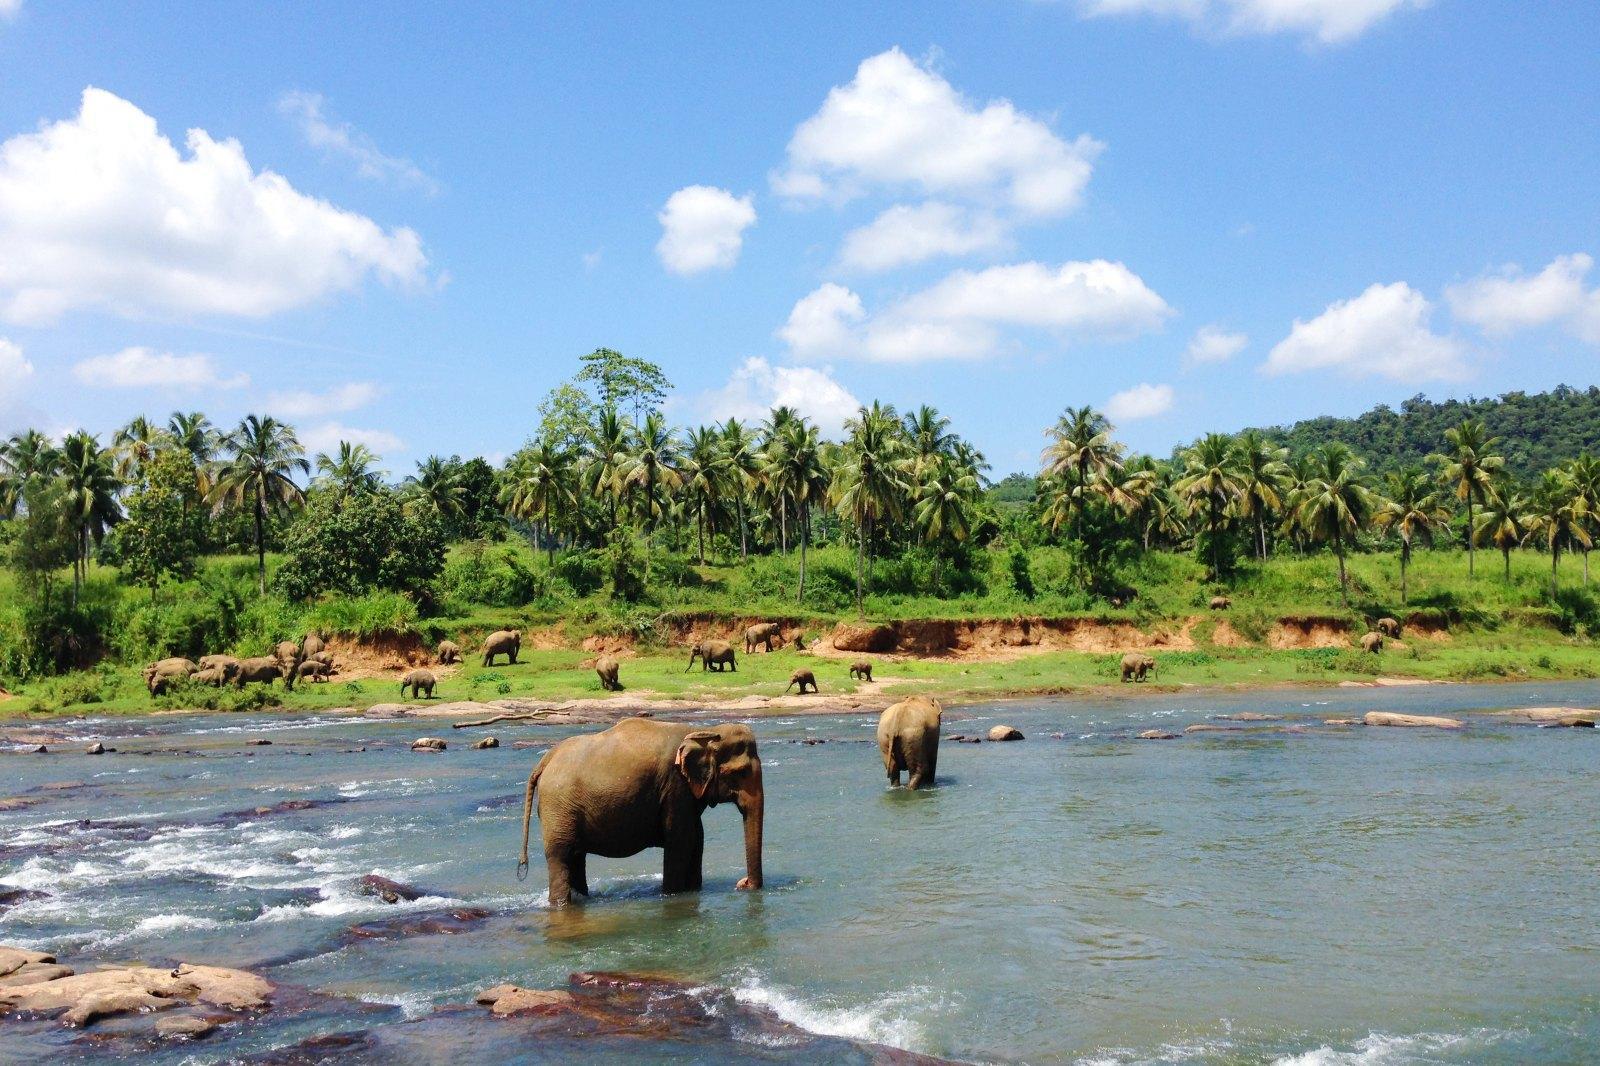 中国使馆提醒莫持旅游签证赴斯里兰卡工作